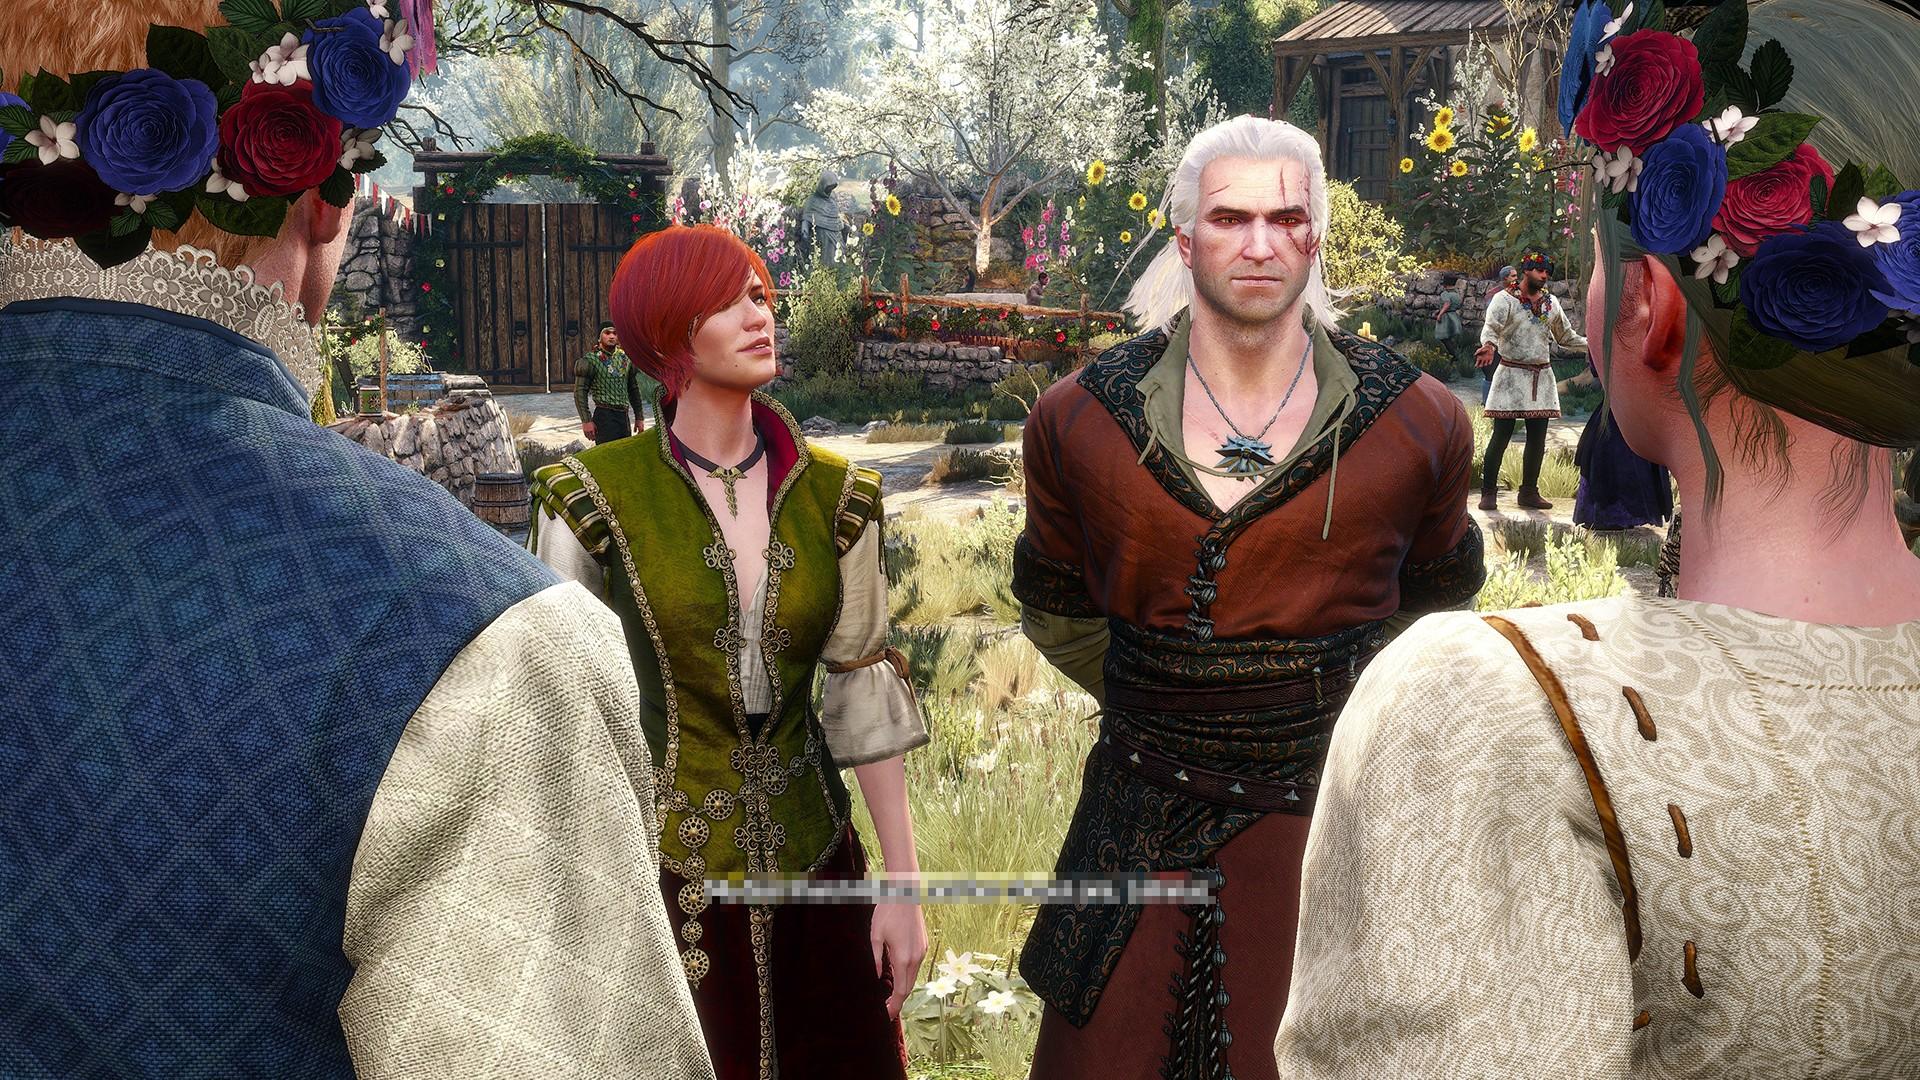 Hearts of Stone es la primera expansión de The Witcher 3 y se lanza la semana que viene. Incluirá unas 10 horas más de contenido.